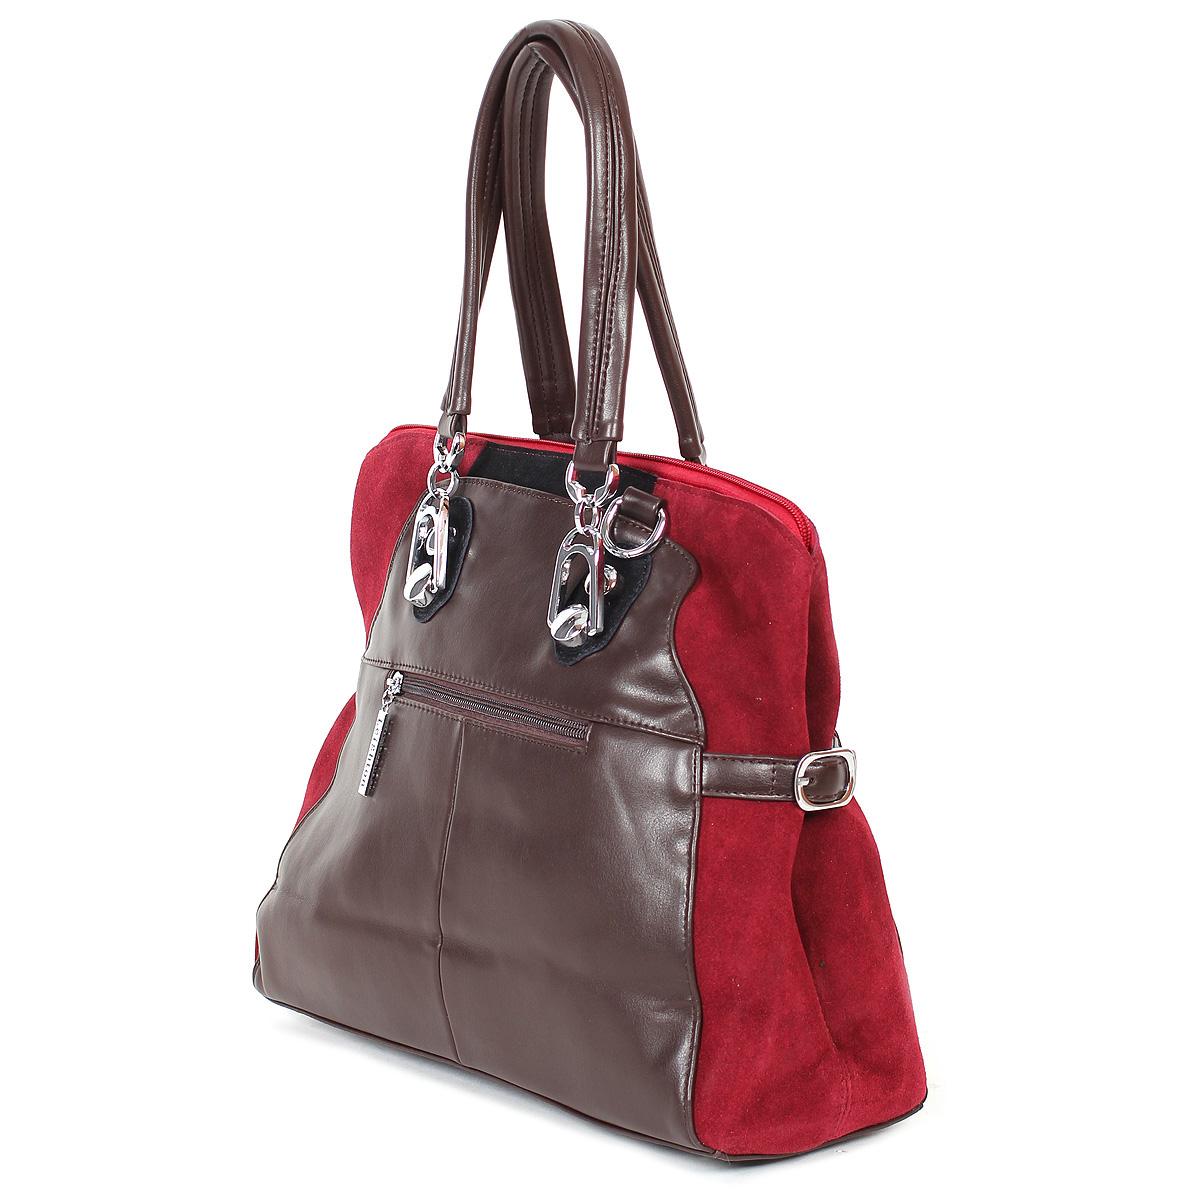 """Сумка женская """"Leighton"""", цвет: коричневый, бордовый, черный. 11090-1166/201/503/80 ( 11090-1166/201/503/80 )"""